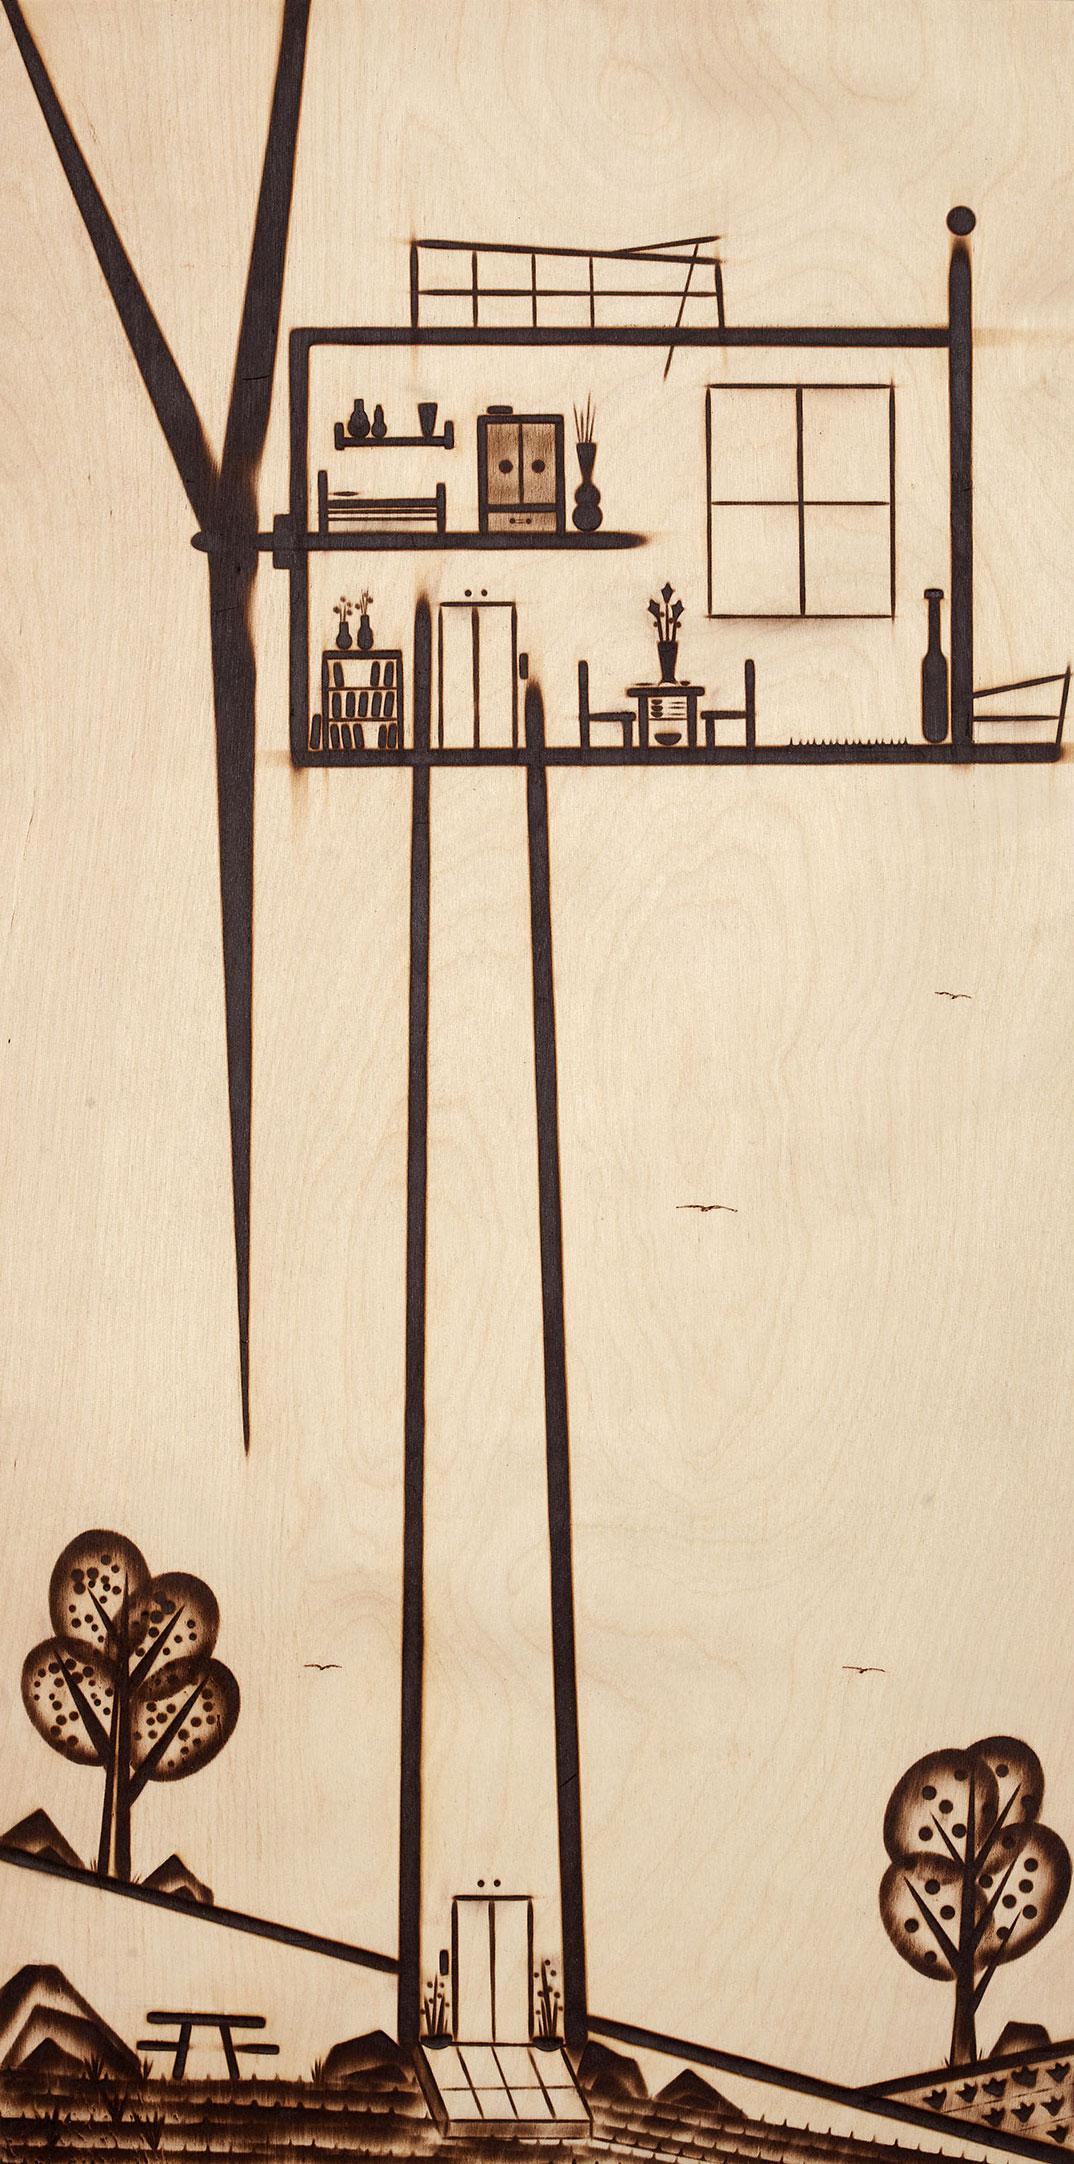 Art by Blair McLean